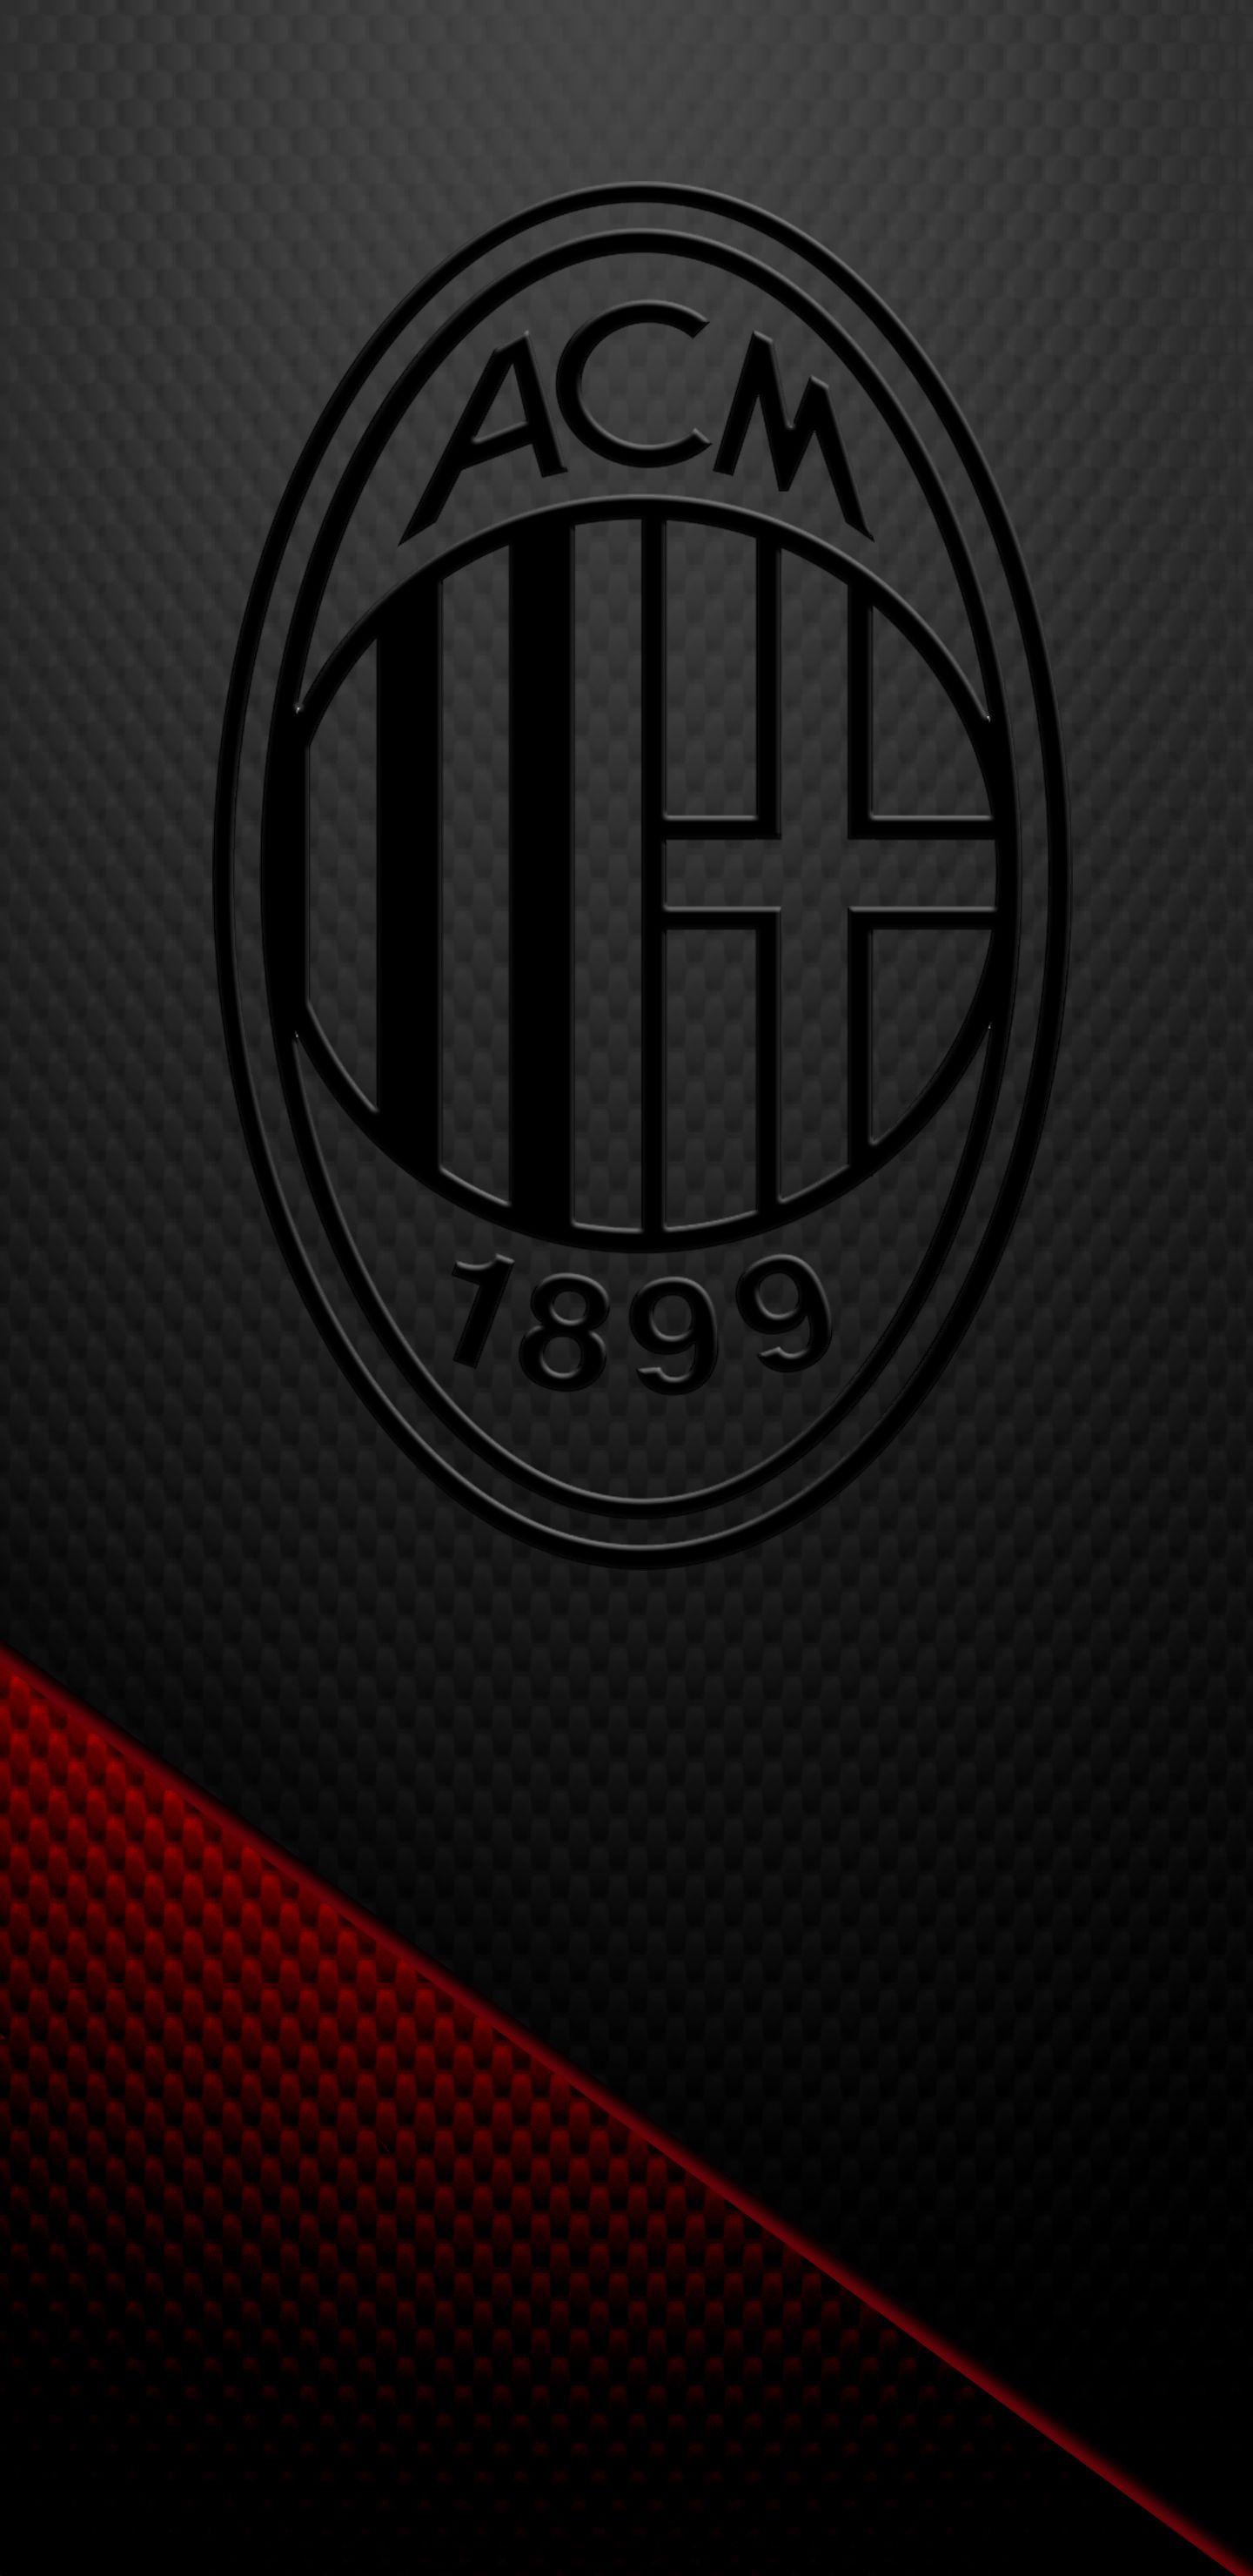 Ac Milan Blackout Wallpaper Bola Kaki Sepak Bola Penjaga Gawang